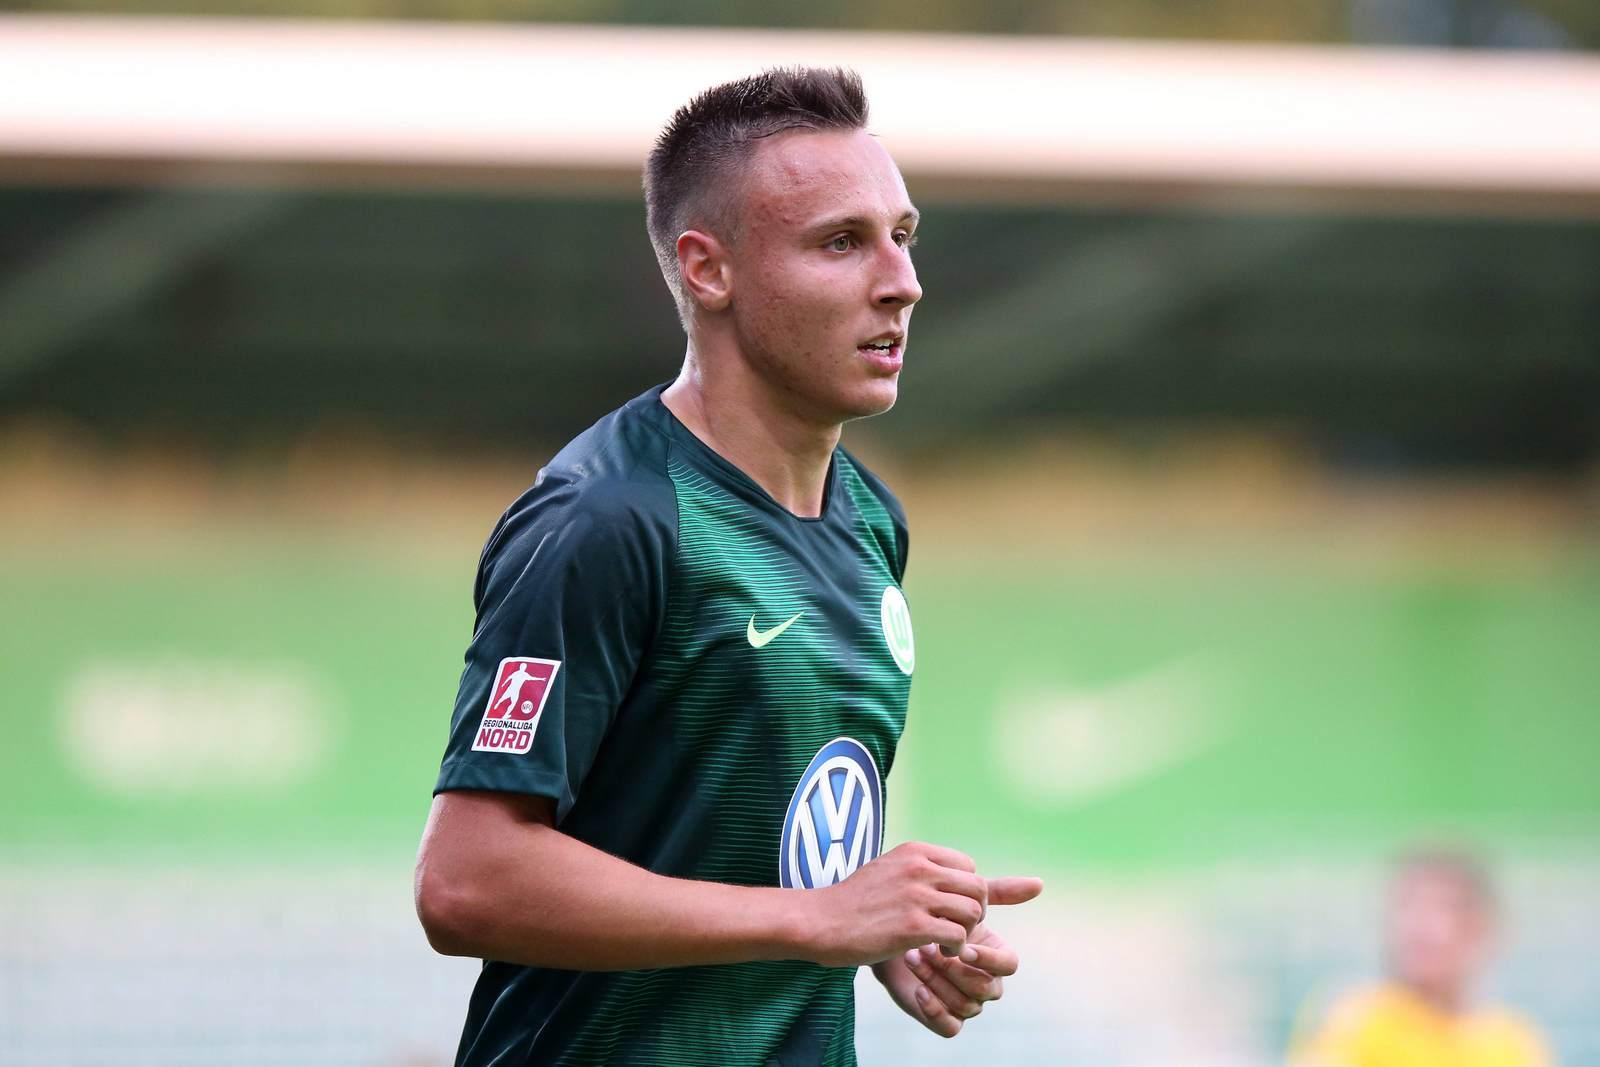 Dominik Franke läuft für den VfL Wolfsburg auf